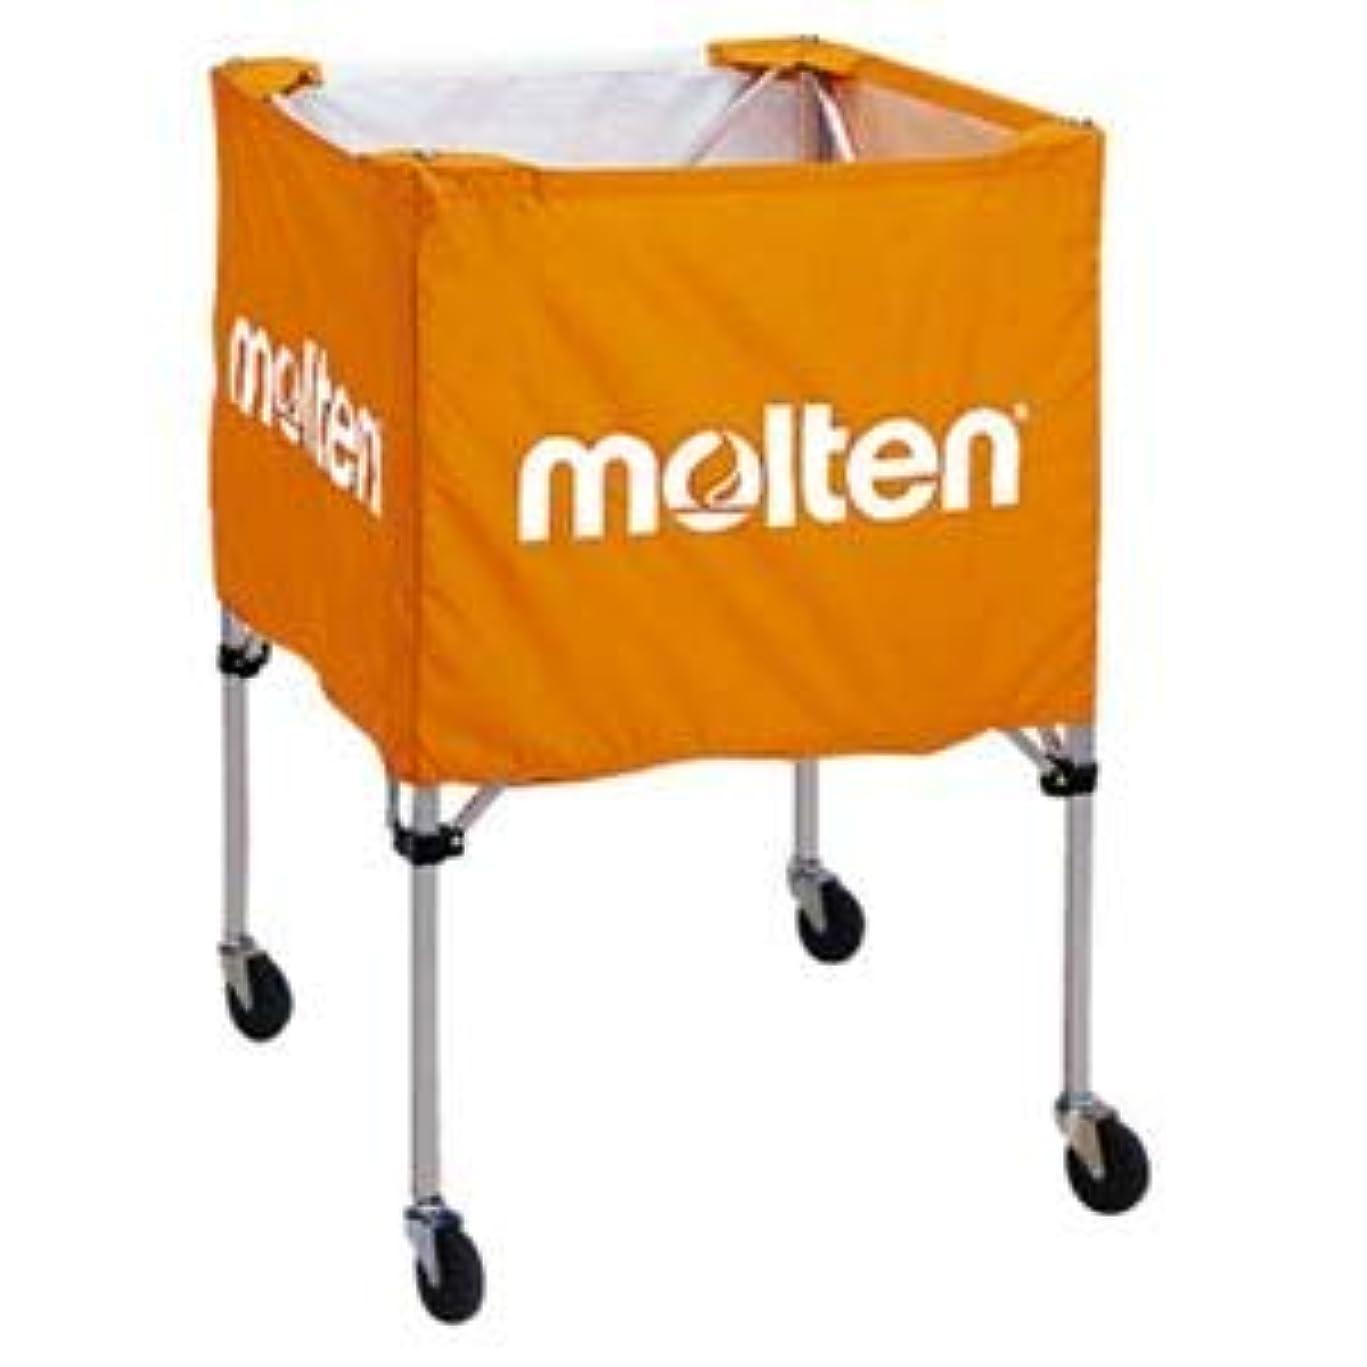 生き残りますスペシャリスト自己尊重モルテン(Molten) 折りたたみ式ボールカゴ(屋外用)オレンジ BK20HOTO